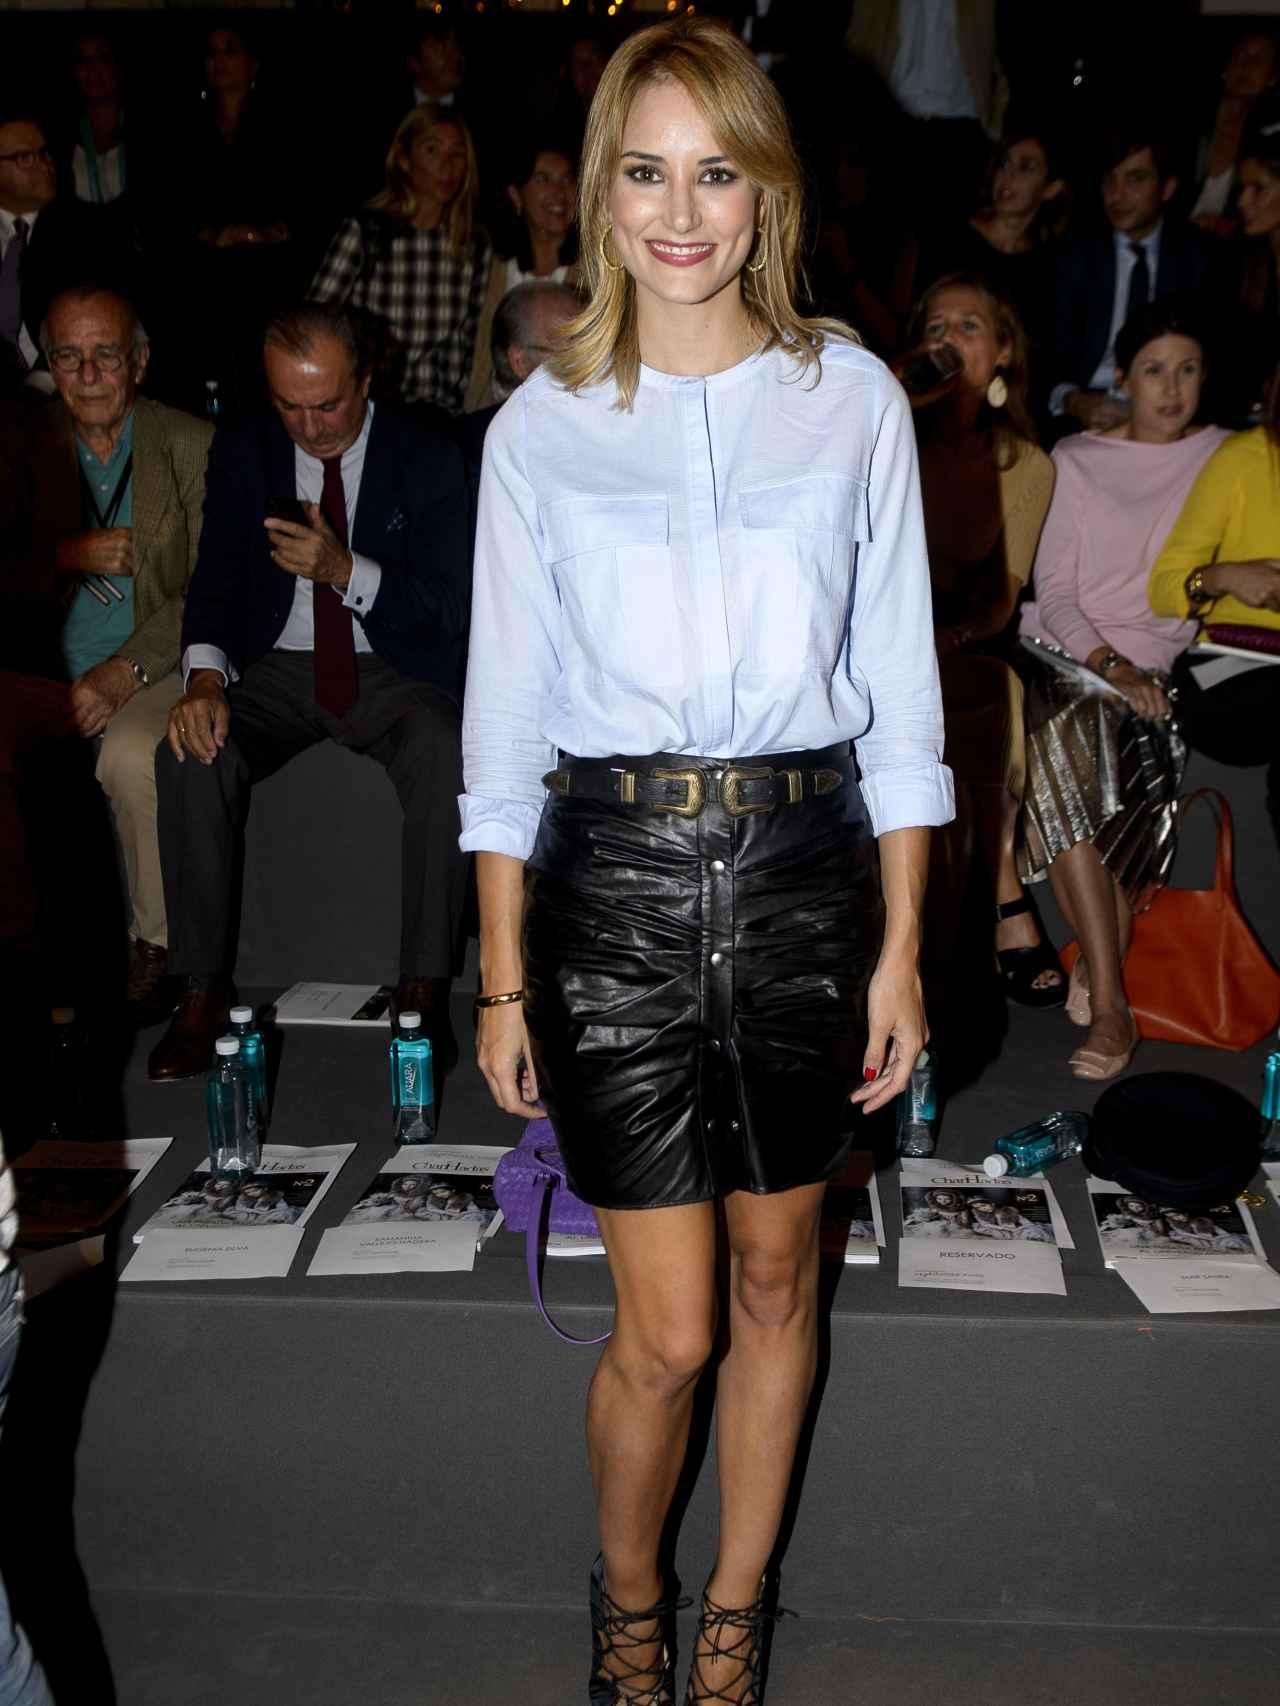 La modelo Alba Carrillo durante la 3 edición del Salón de Moda Infantil The Petite Fashion Week en Madrid